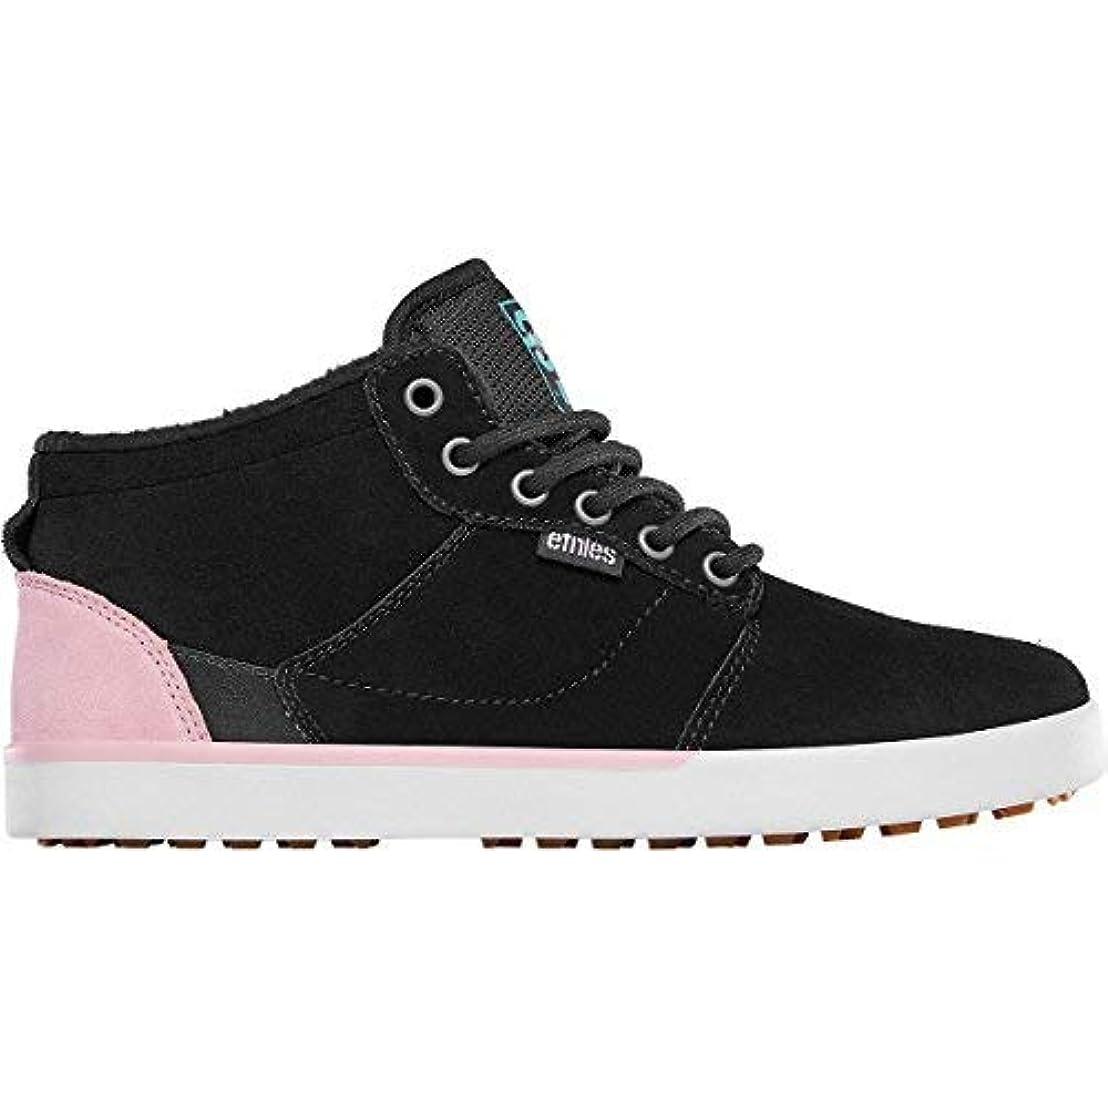 担当者ピービッシュ誇張するEtnies Women's Jefferson Mtw W's X 32 Skate Shoe Black 7 Medium US [並行輸入品]